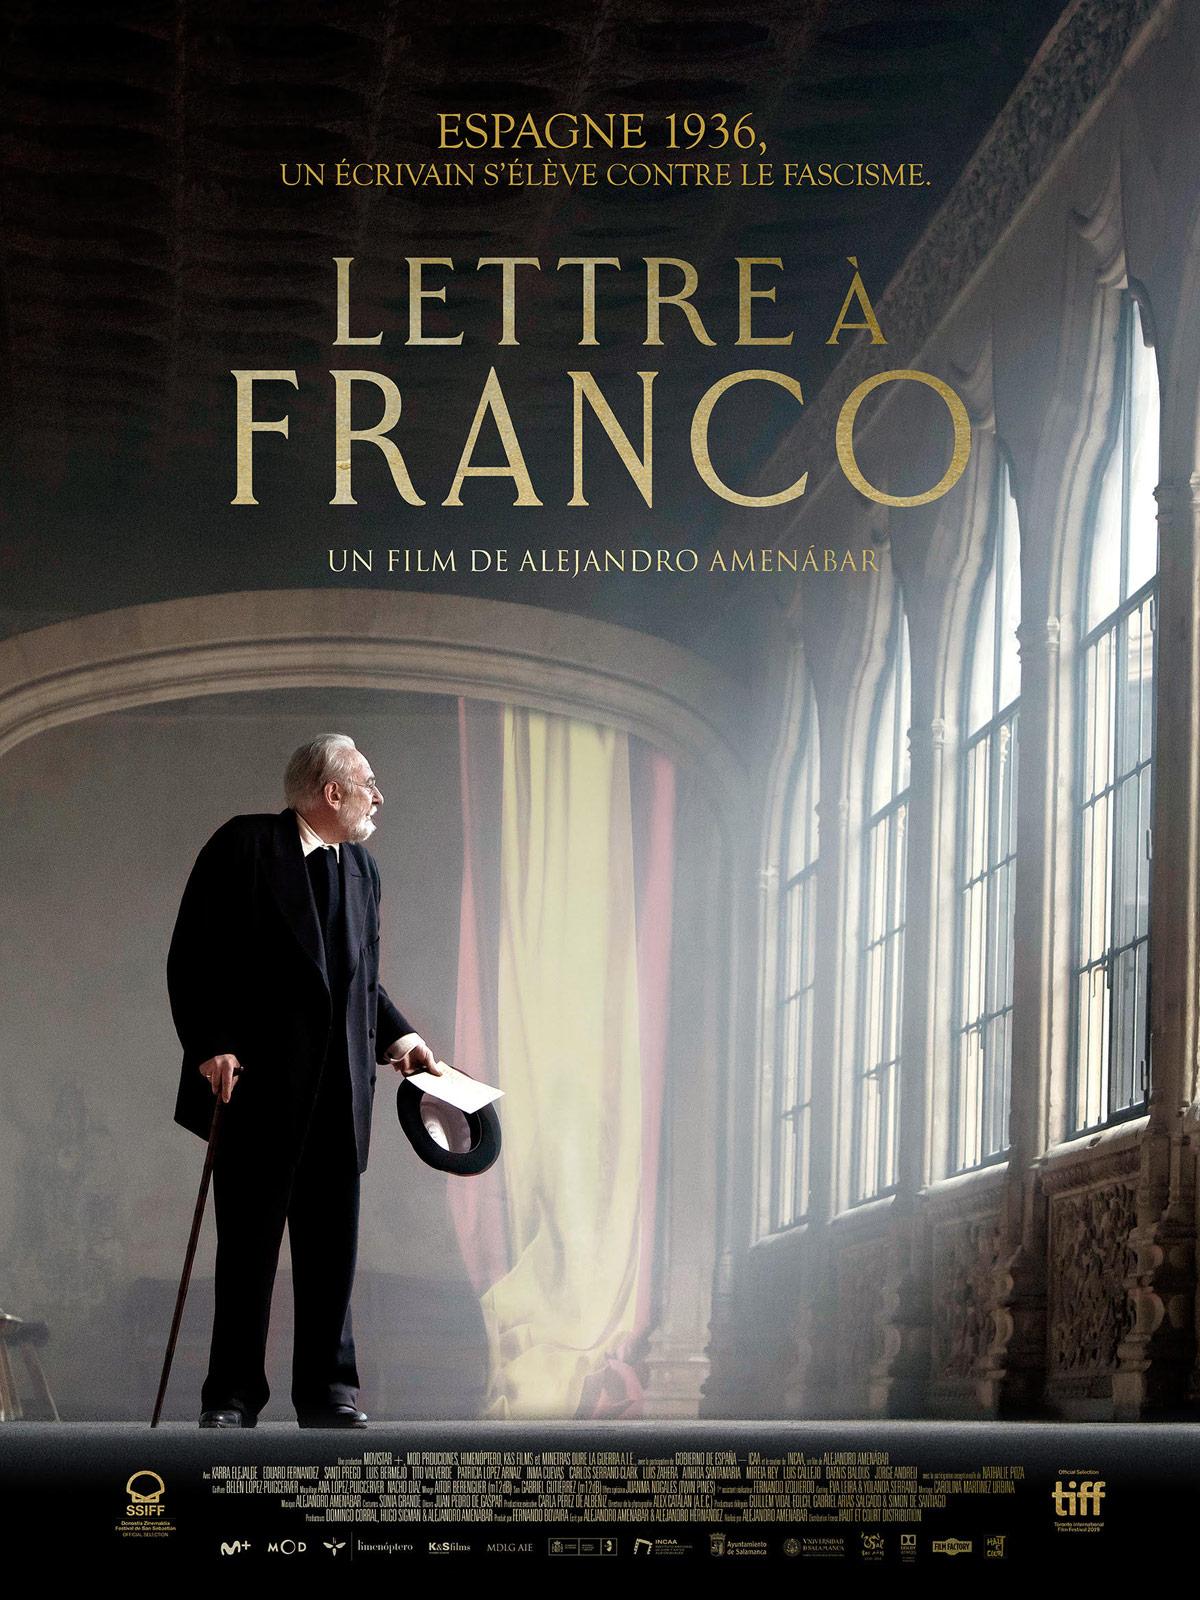 Lettre à Franco